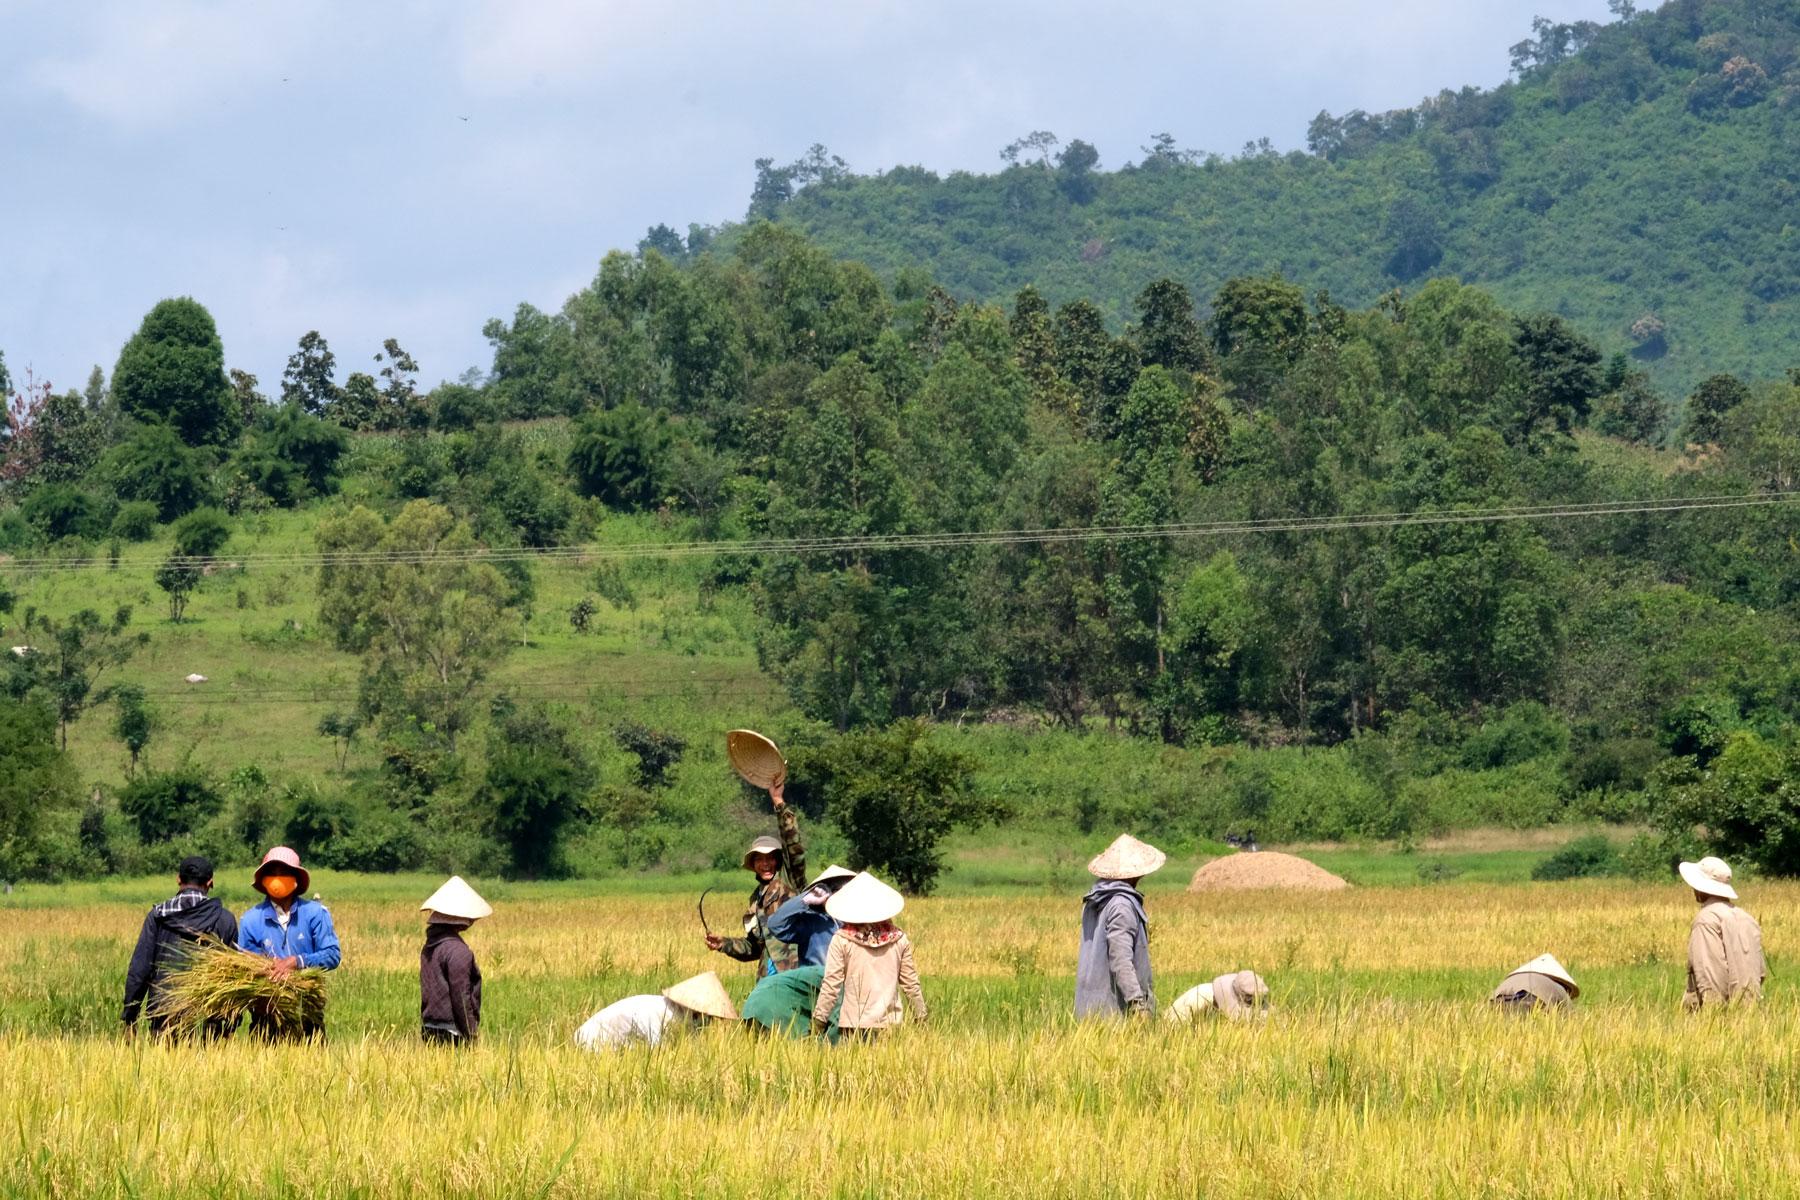 Eine Gruppe Menschen steht im Feld und erntet Reis, ein Mann winkt uns zu.